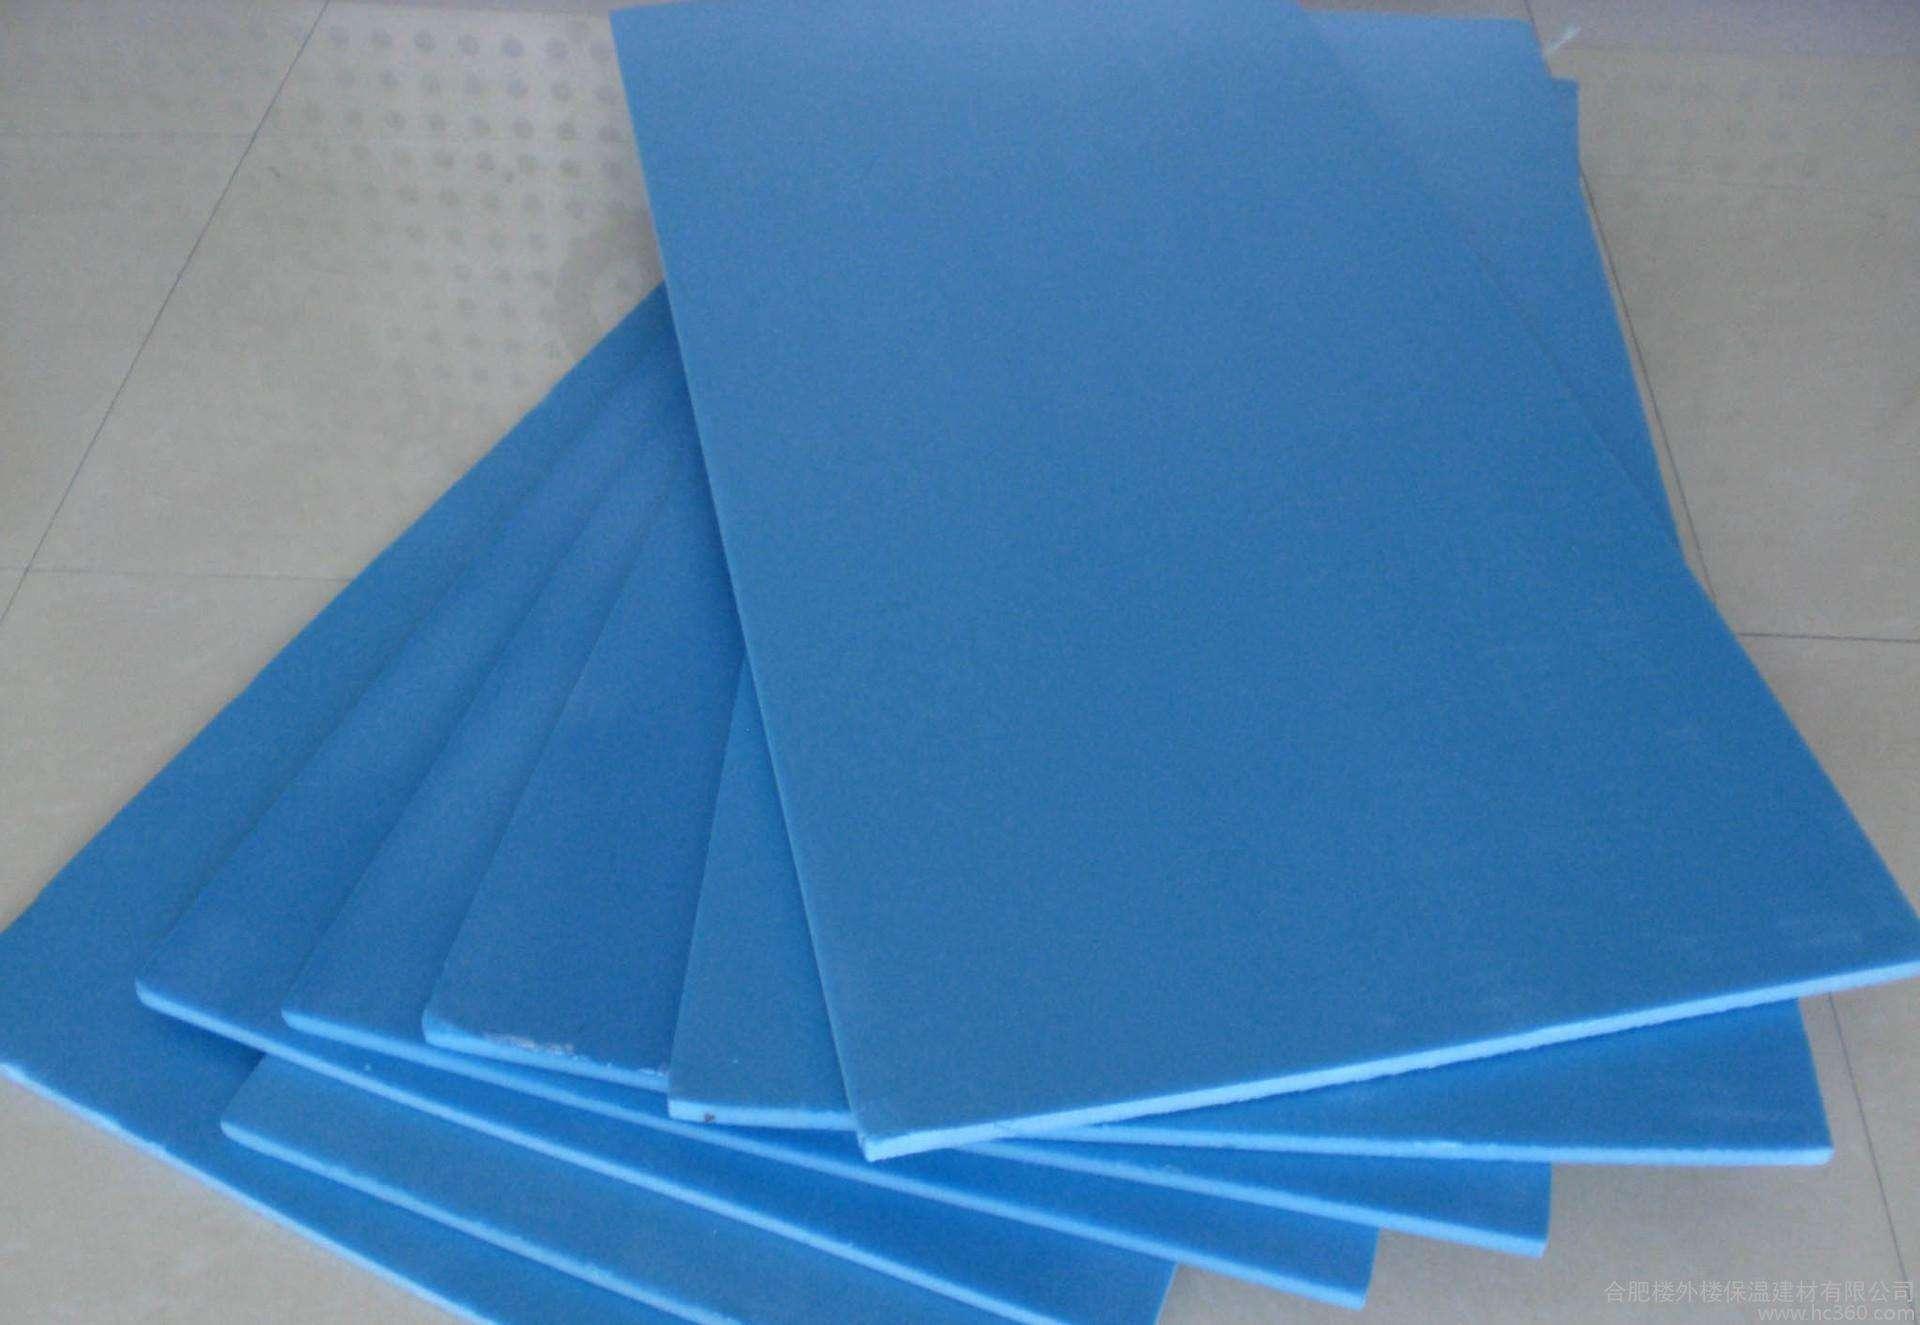 挤塑聚苯乙烯泡沫板简称挤塑板,又称XPS板 重庆茂和源保温材料有限公司